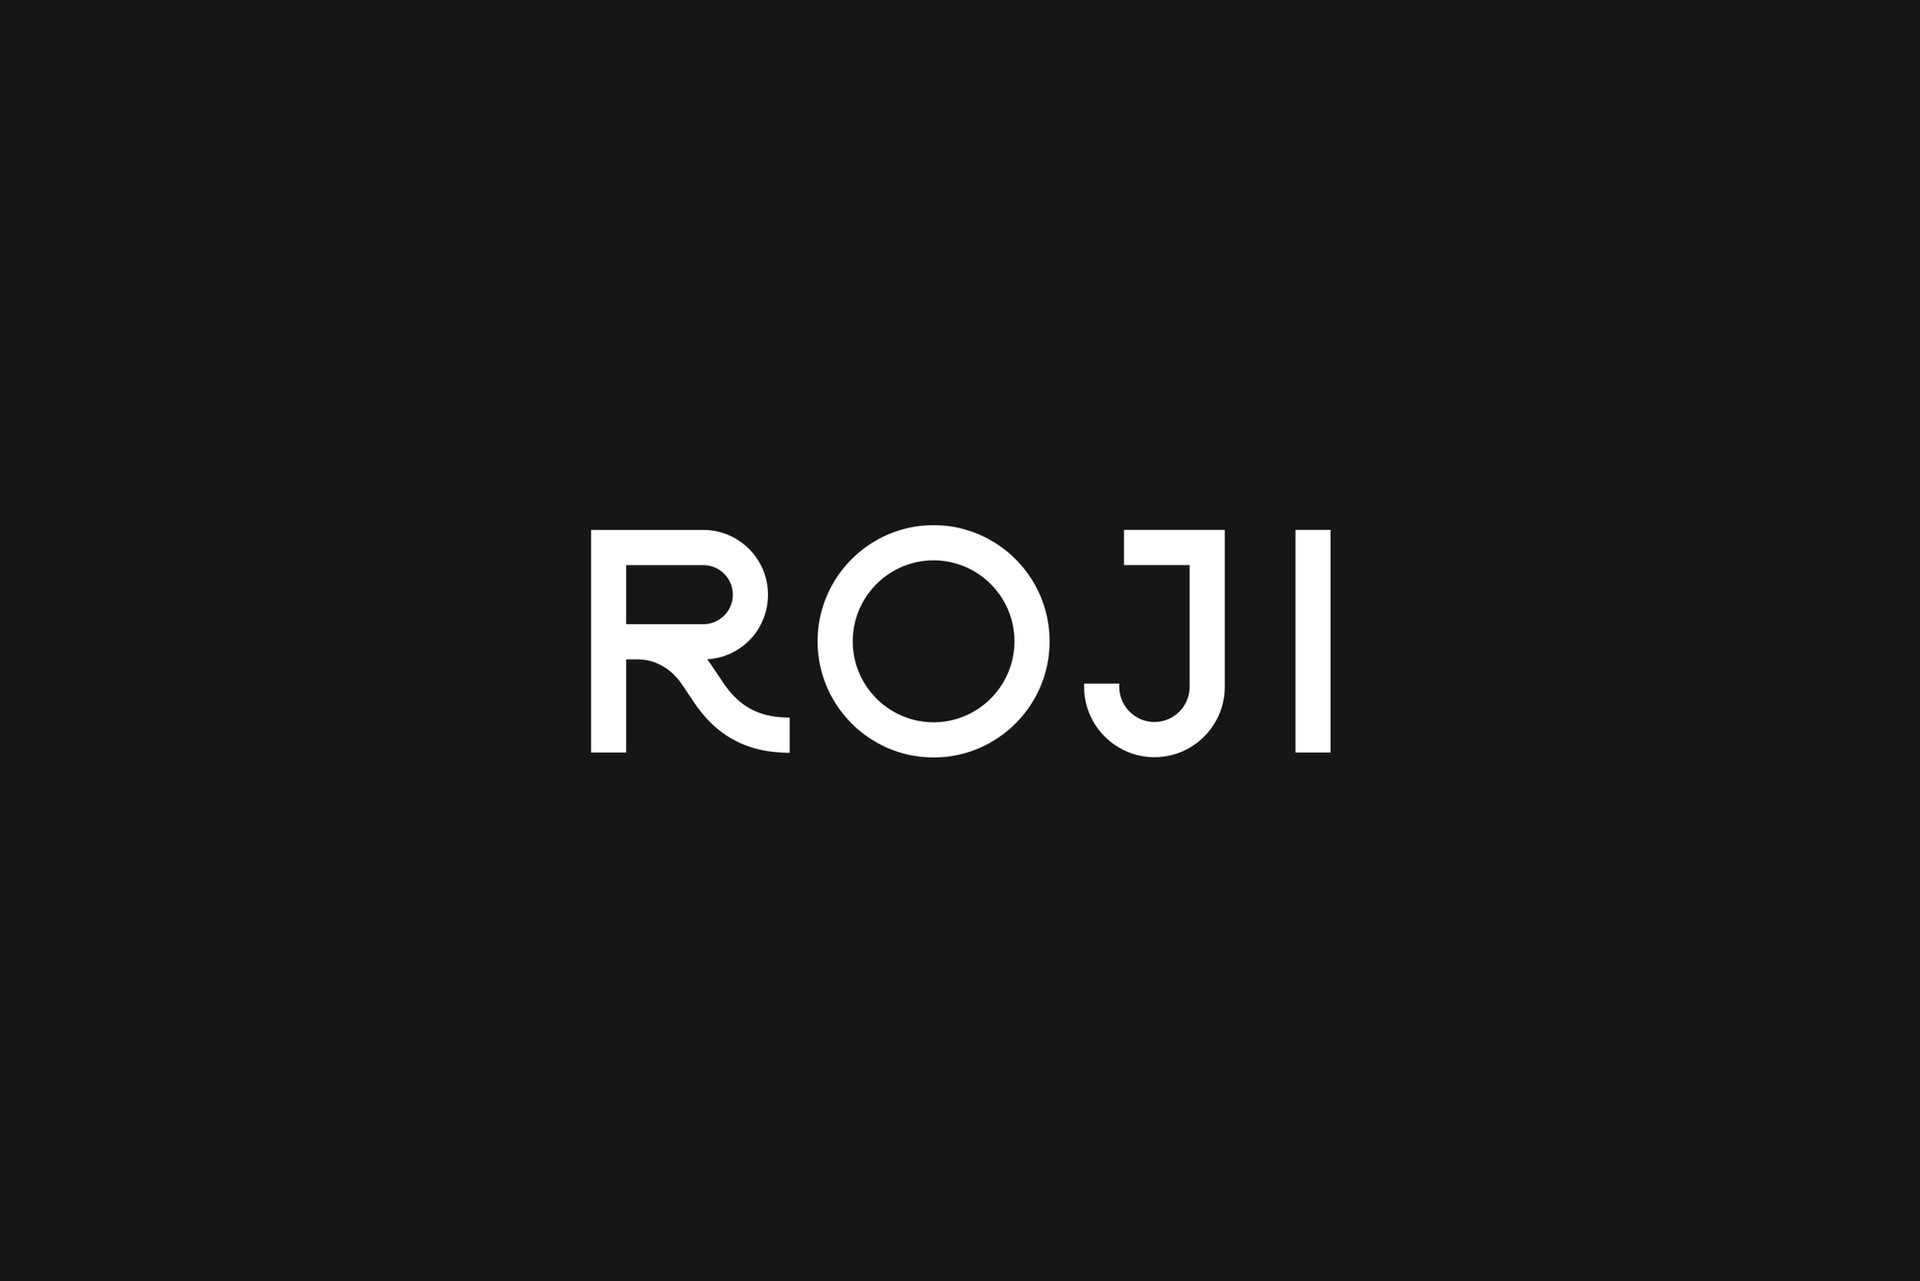 Roji_1.jpg